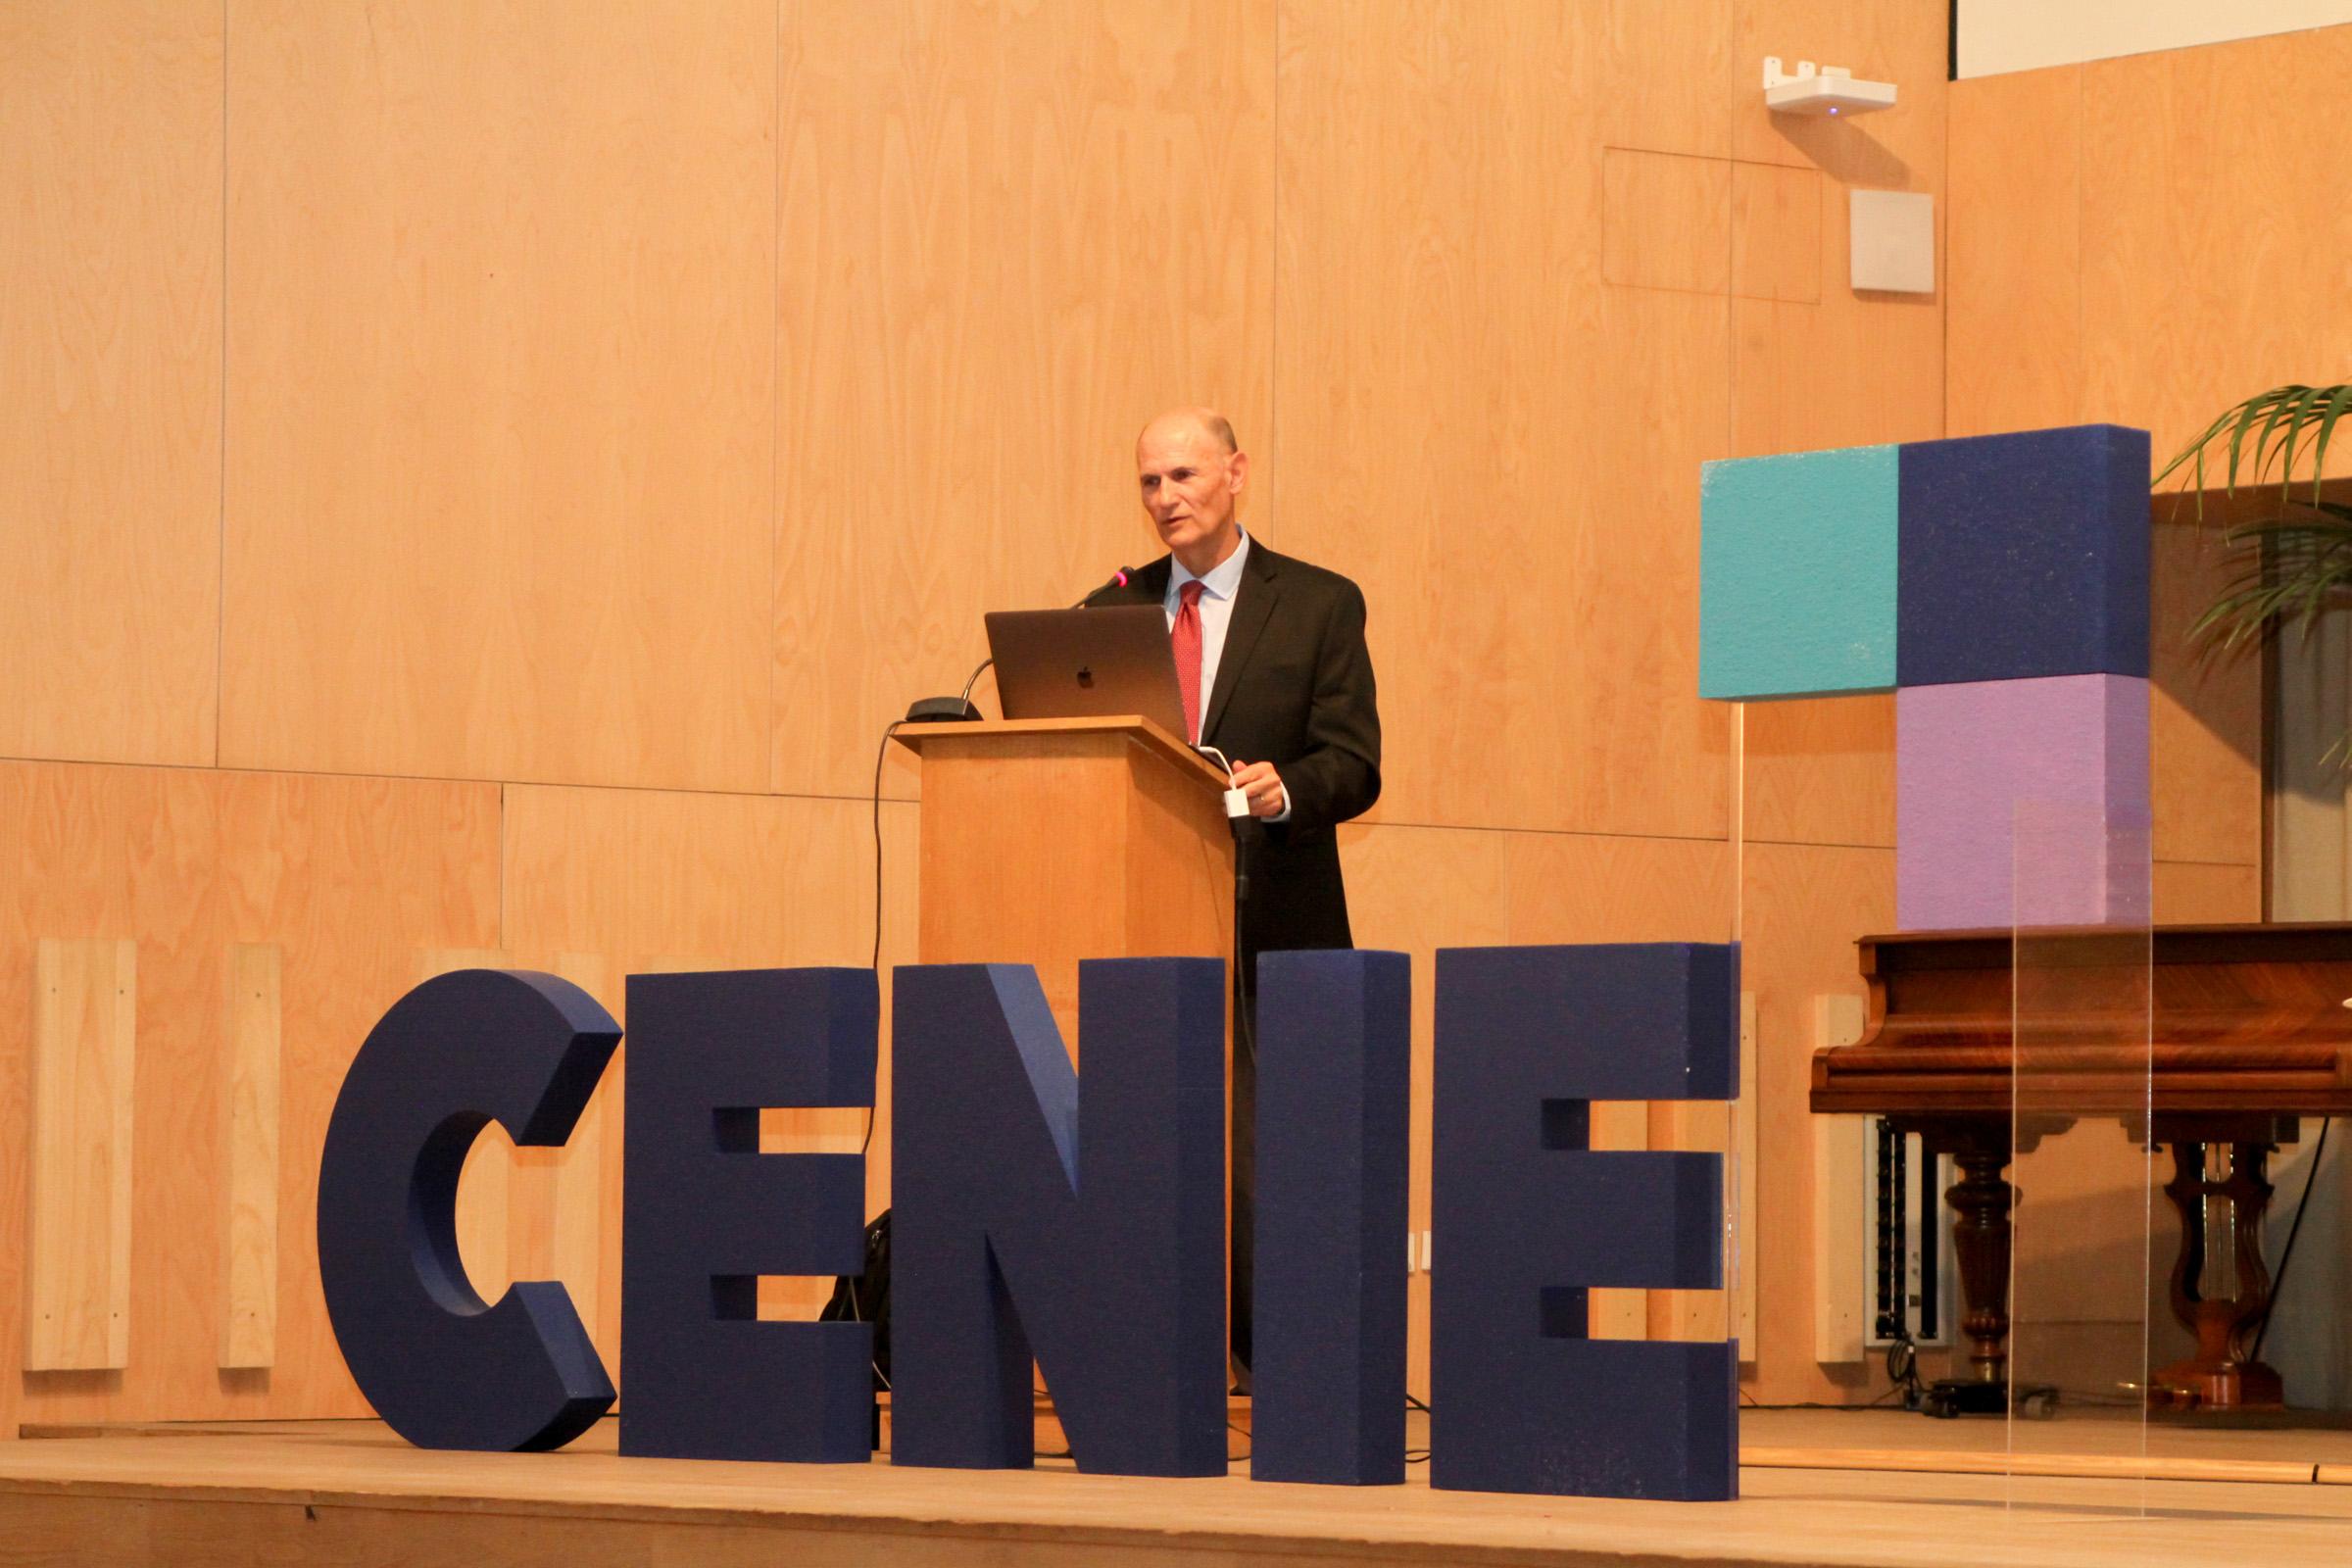 Juan Carlos Izpisua imparte una ponencia sobre genética y envejecimiento, presentada por el periodista Xavier Sardá, dentro del ciclo de conferencias del Centro Internacional sobre Envejecimiento de la USAL